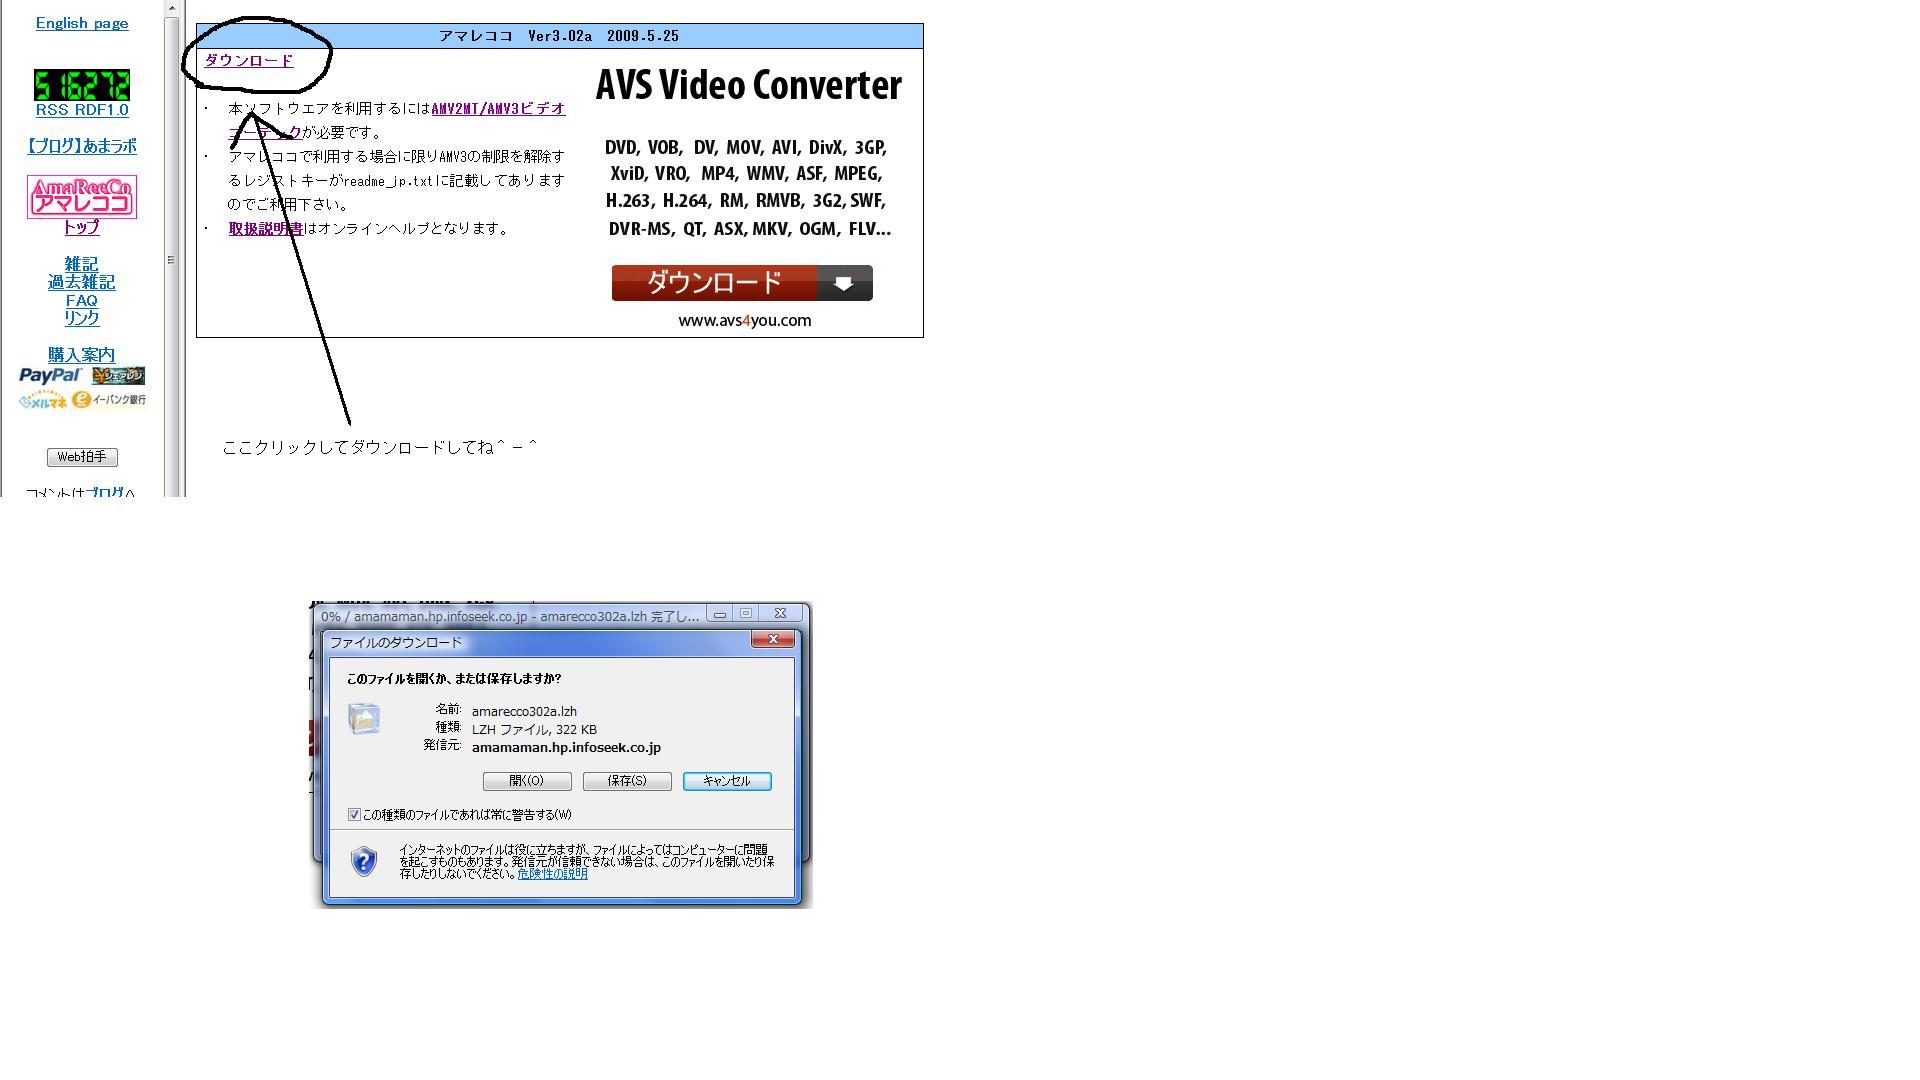 アマレコTV公式ホームページ - amarectv.com